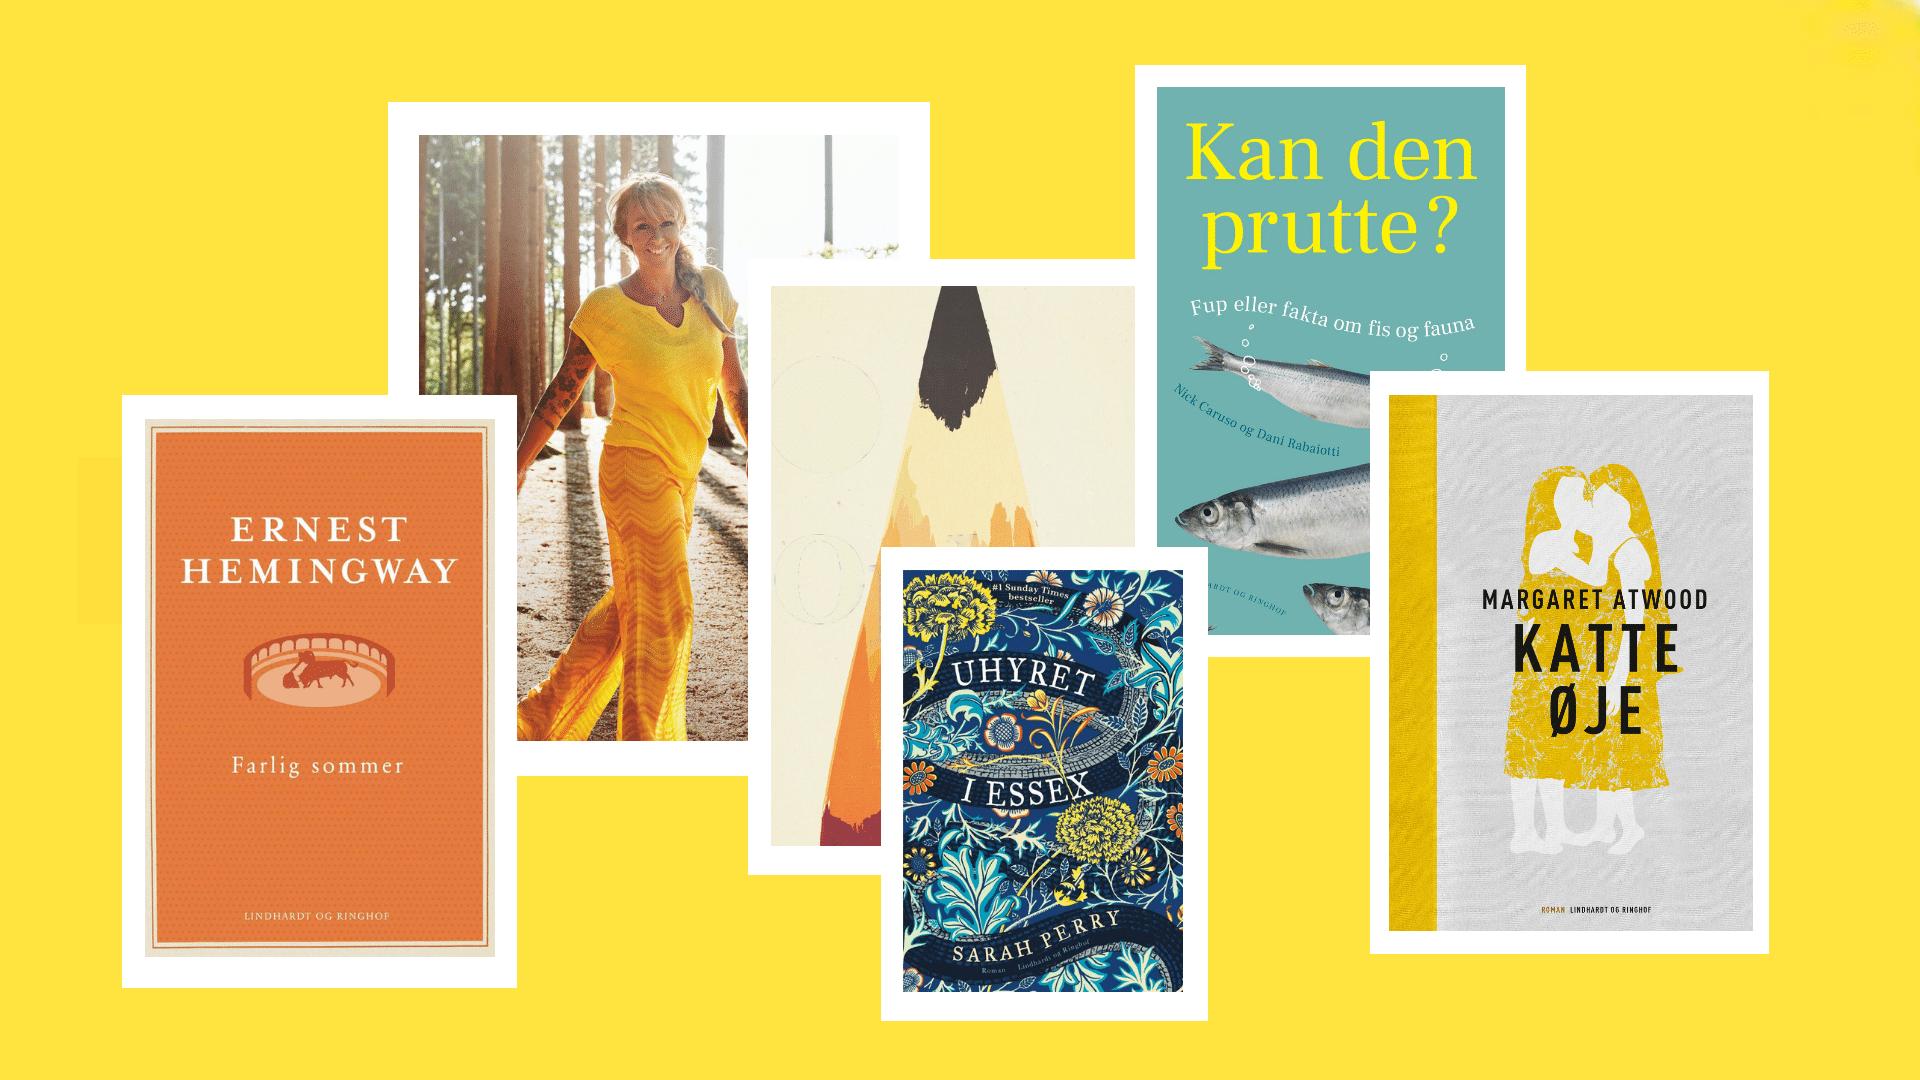 ff96d1eeec4 Der udkommer masser af spændende bøger i det nye år. Der er bøger til  nostalgikeren, den klimabevidste, den lokalpatriotiske, den eventyrlystne,  poeten, ...